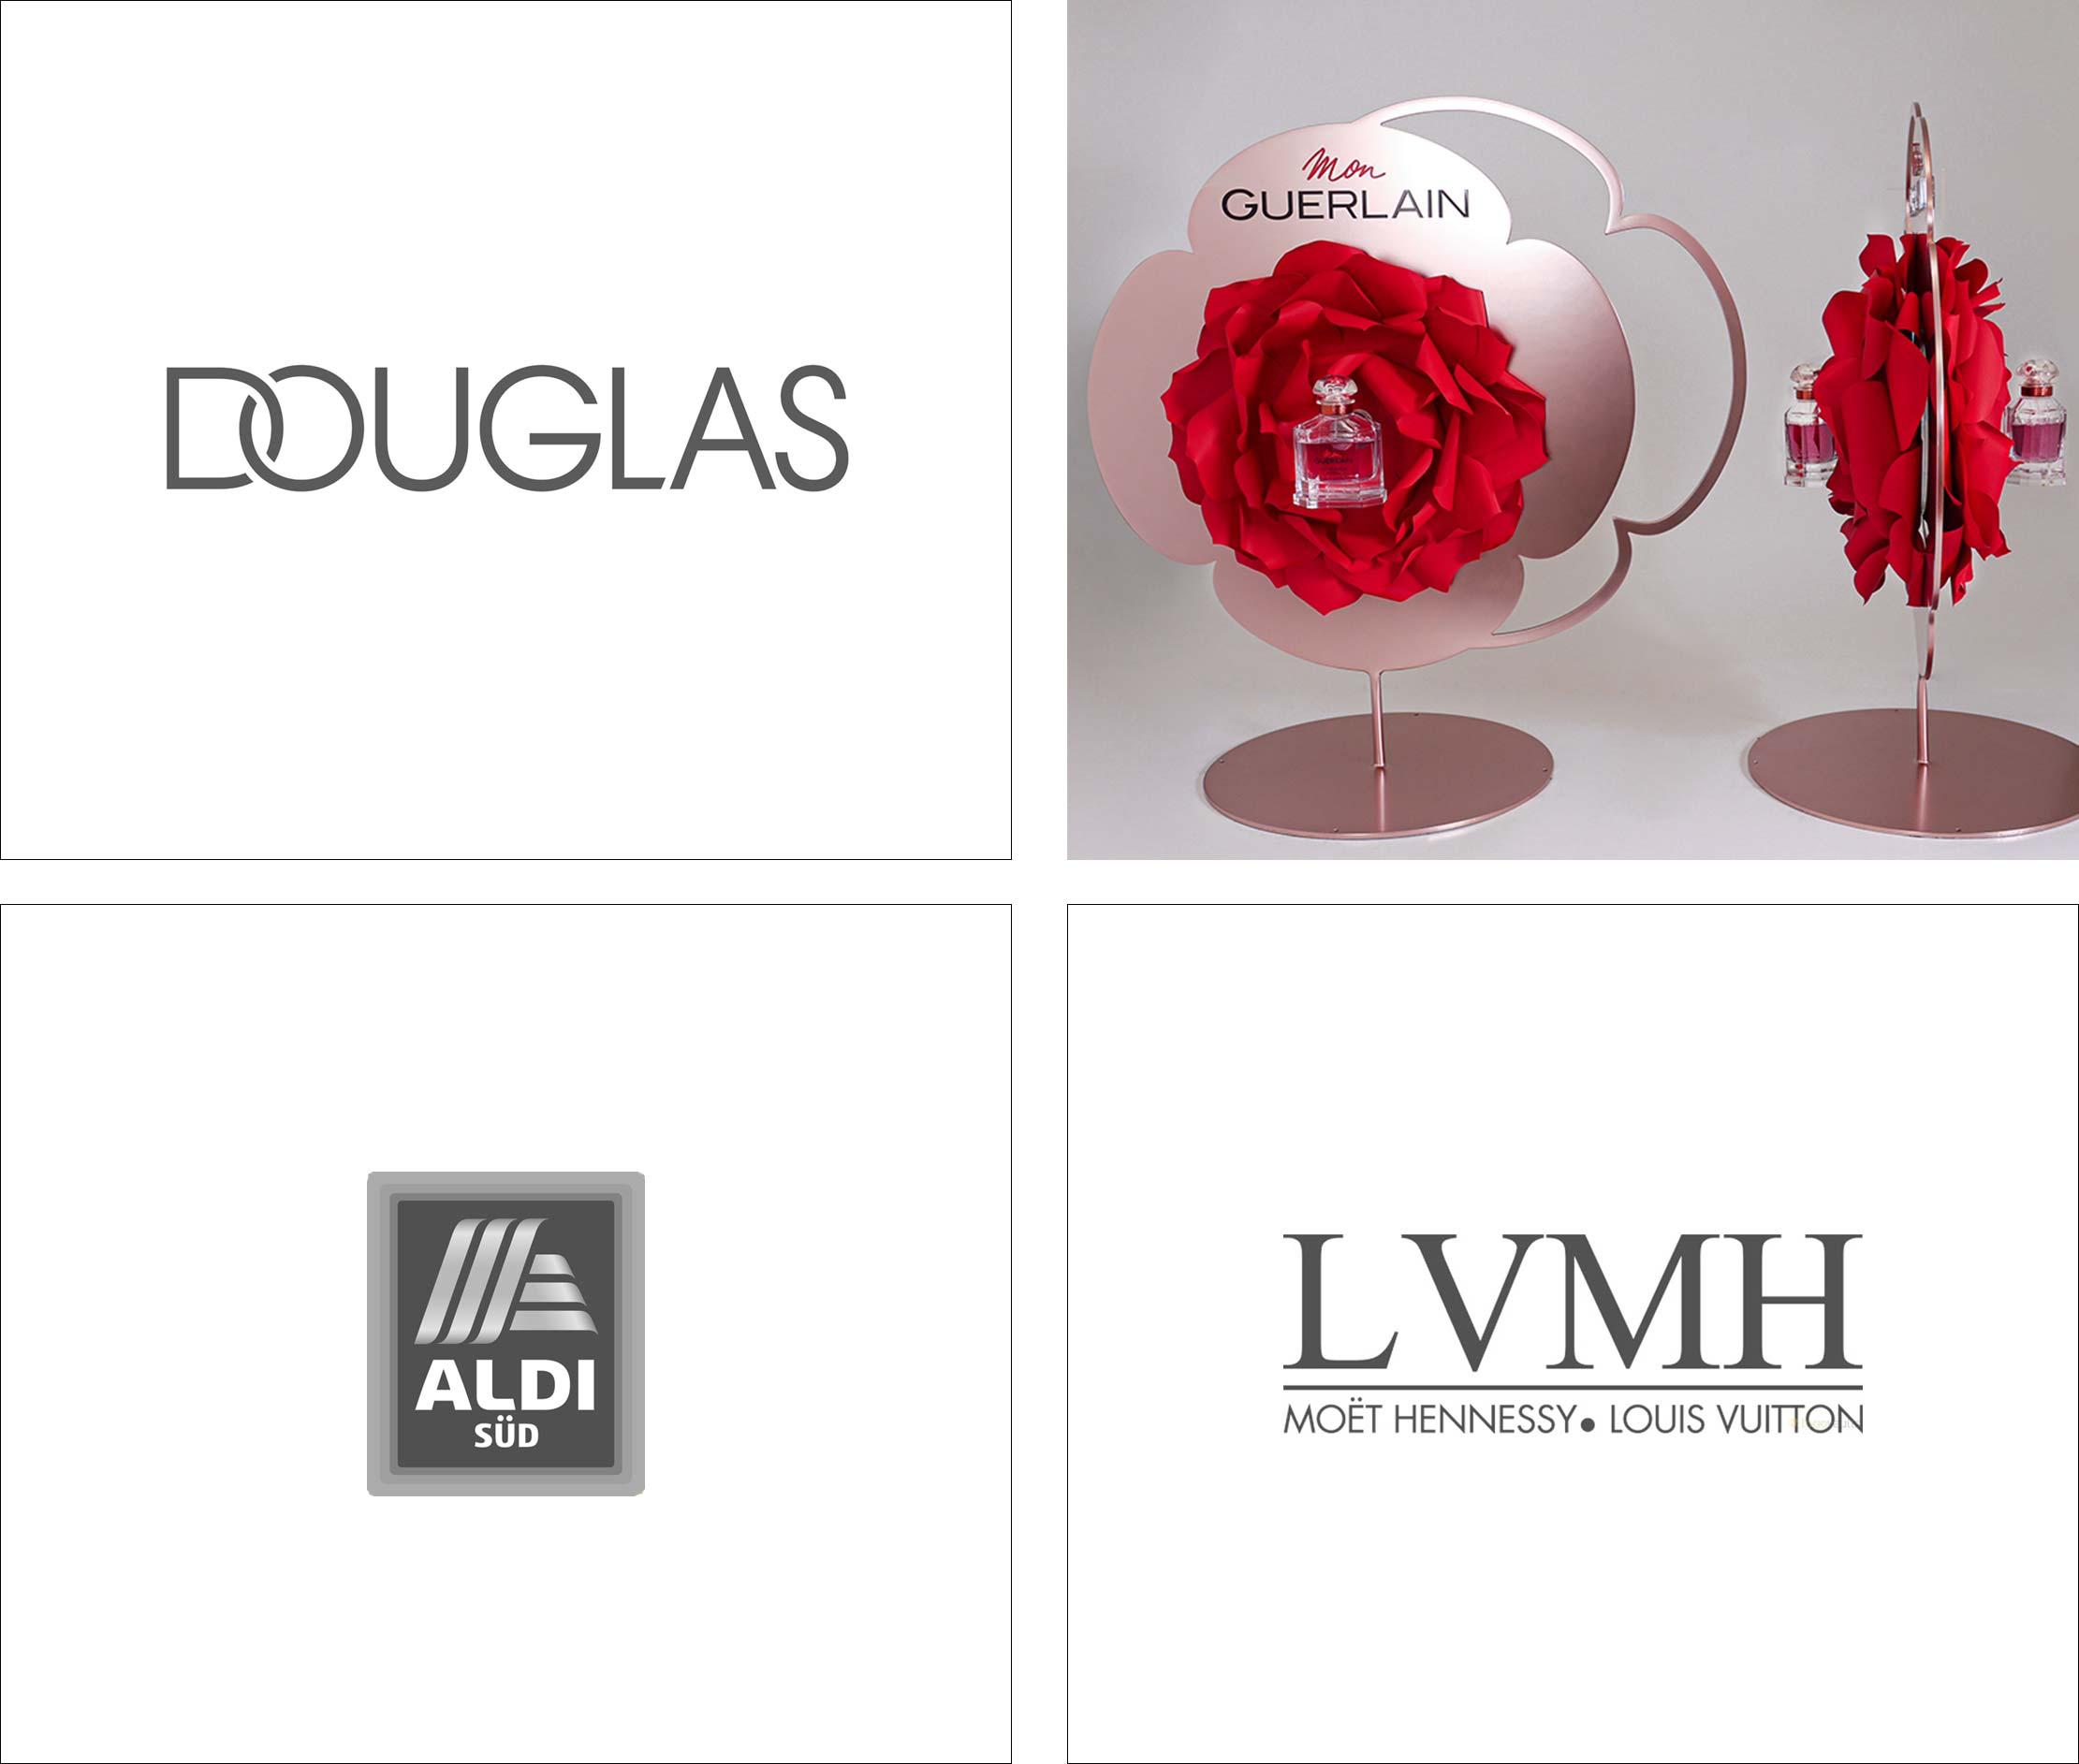 Logo - Douglas, ALDI, LVMH